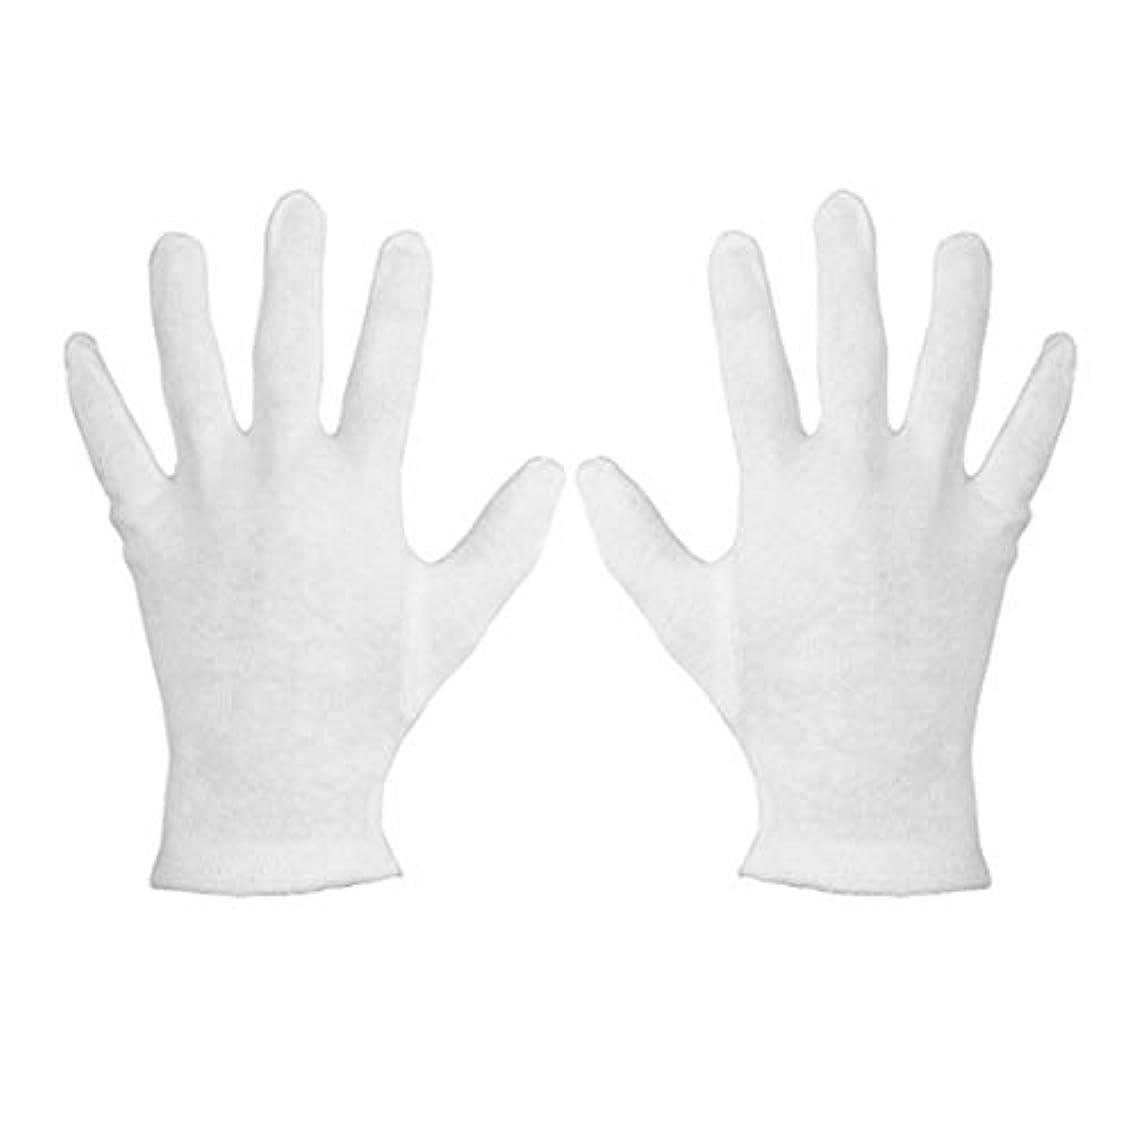 フィットスコア置き場OU-Kunmlef 乾いた手治癒と美しさ- Wii(None S White S code(12 pairs of dozens))